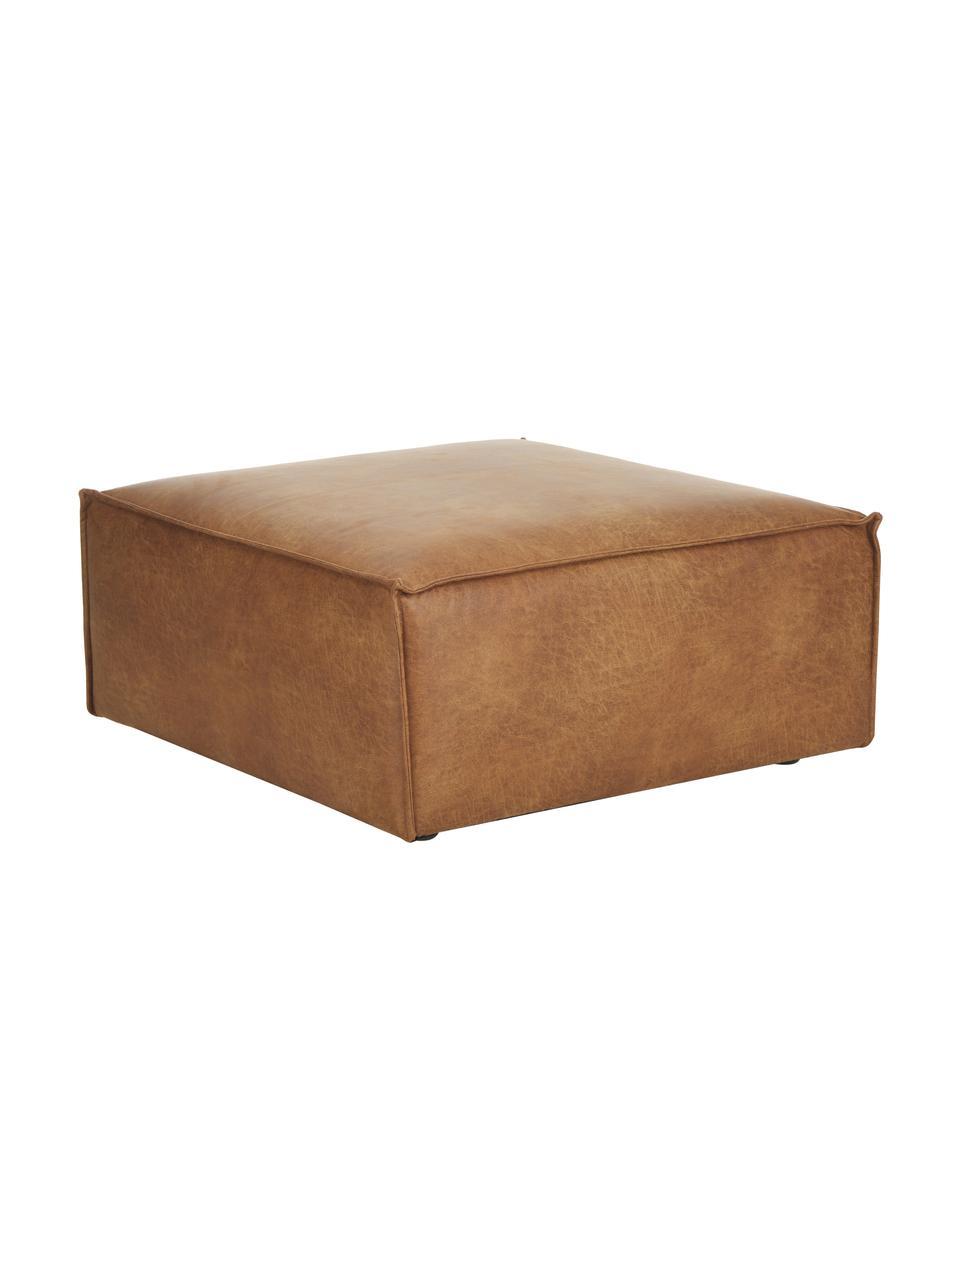 Poggiapiedi da divano in pelle marrone Lennon, Pelle marrone, Larg. 88 x Alt. 43 cm